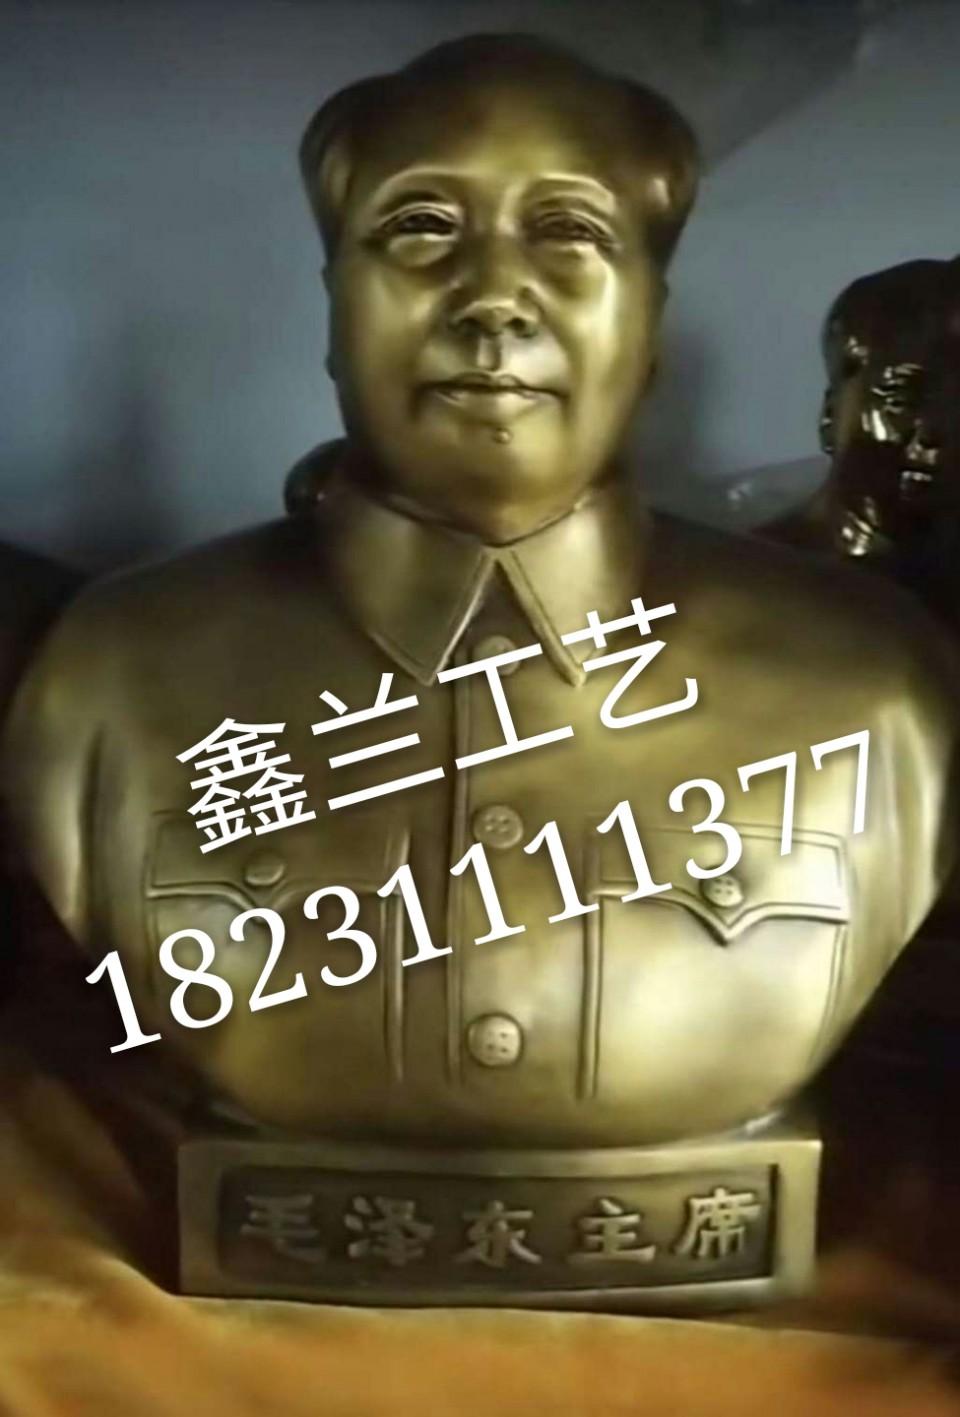 锻铜浮雕毛泽东金铜铸造毛泽东大型广场雕塑毛泽东将永远鼓舞我们继续前行